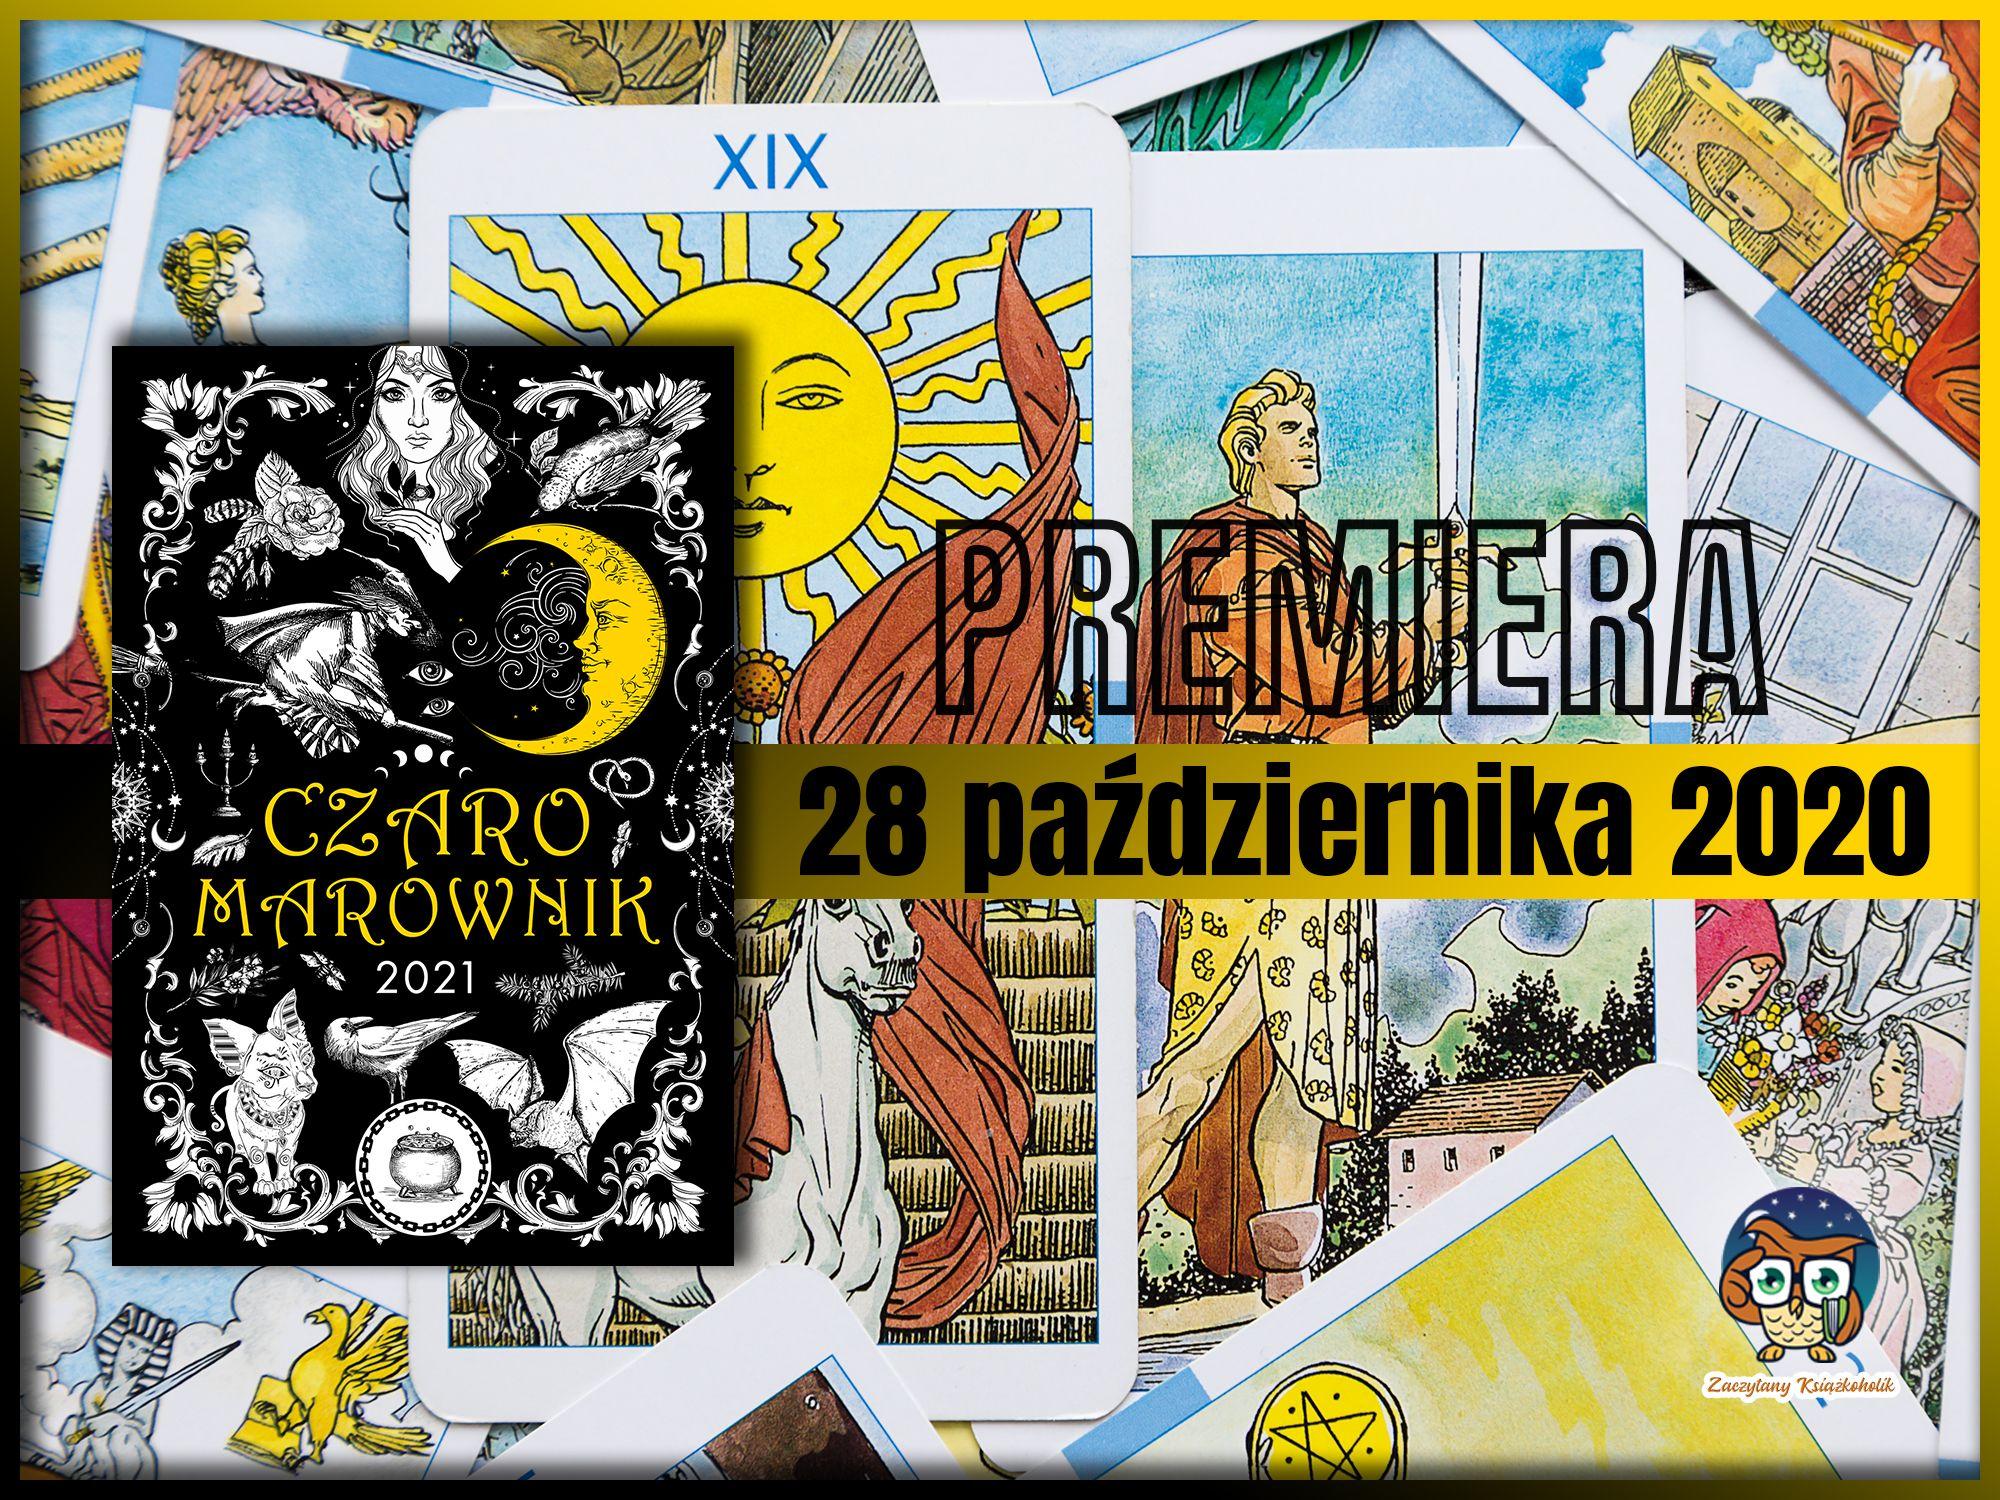 Czaromarownik 2021, zaczytanyksiazkoholik.pl